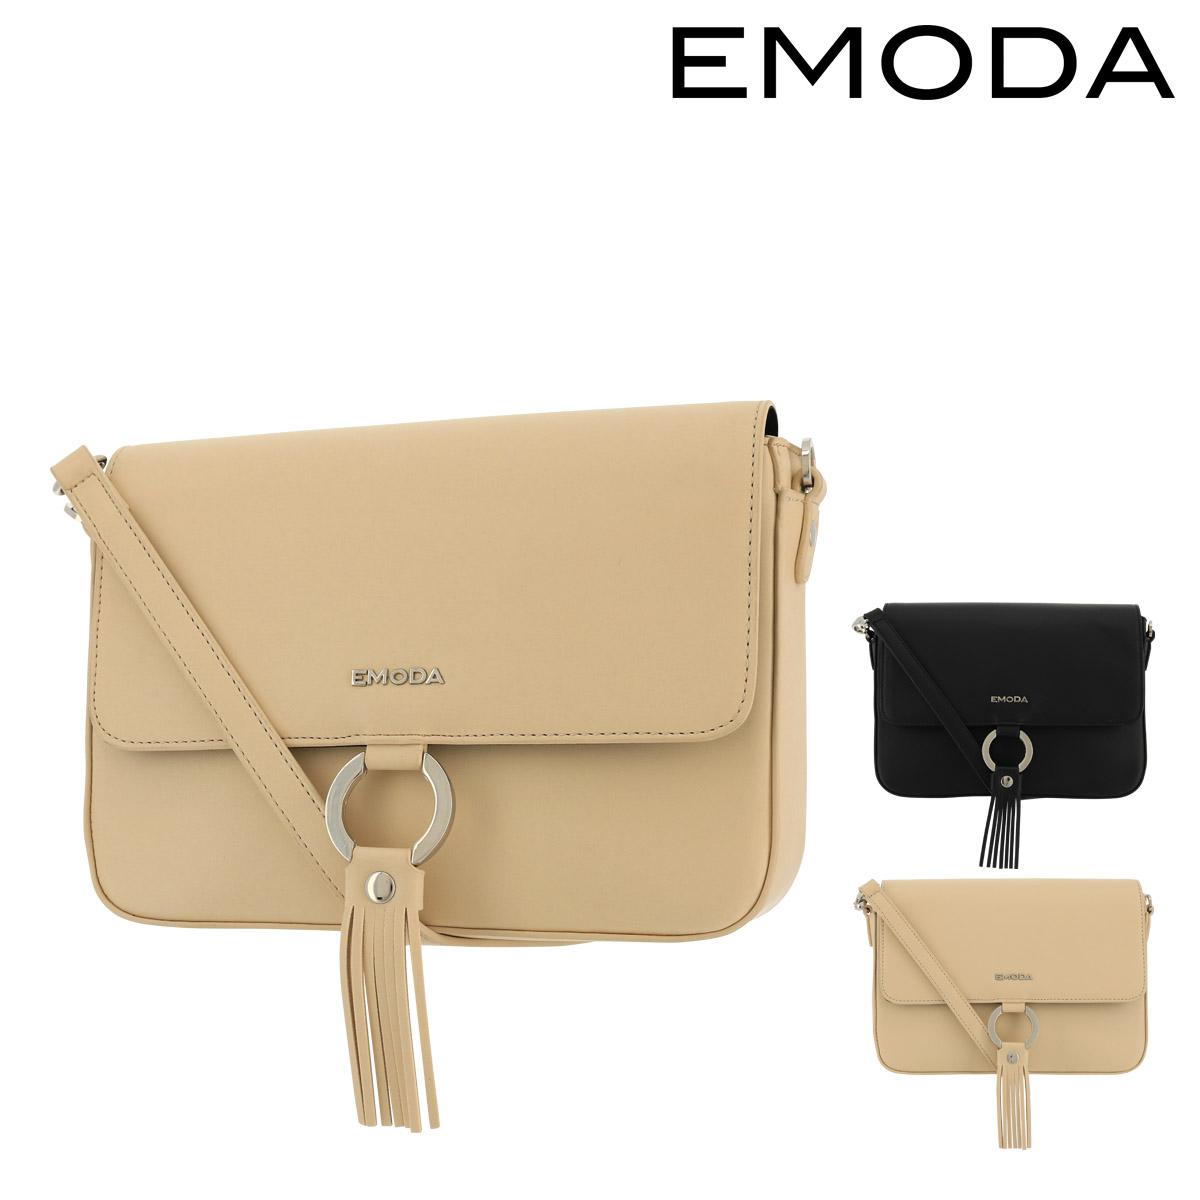 エモダ ショルダーバッグ レディース EM-9302 EMODA | コンパクト[PO5][bef]